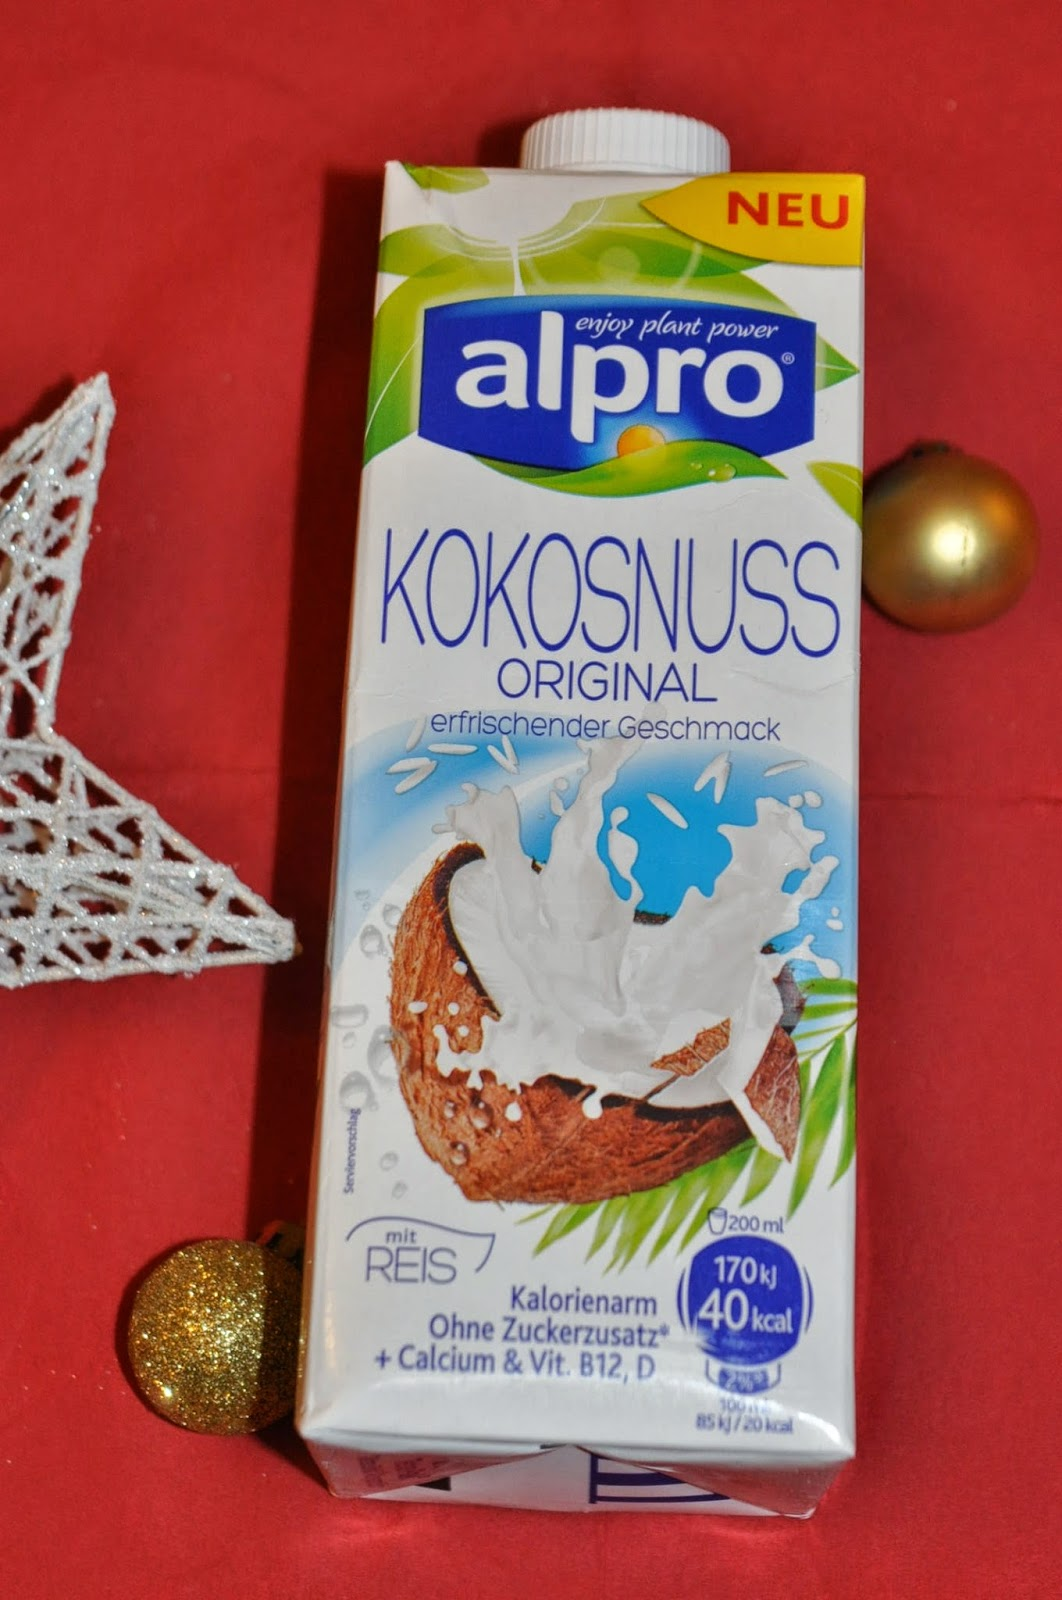 Alpro Kokosnuss